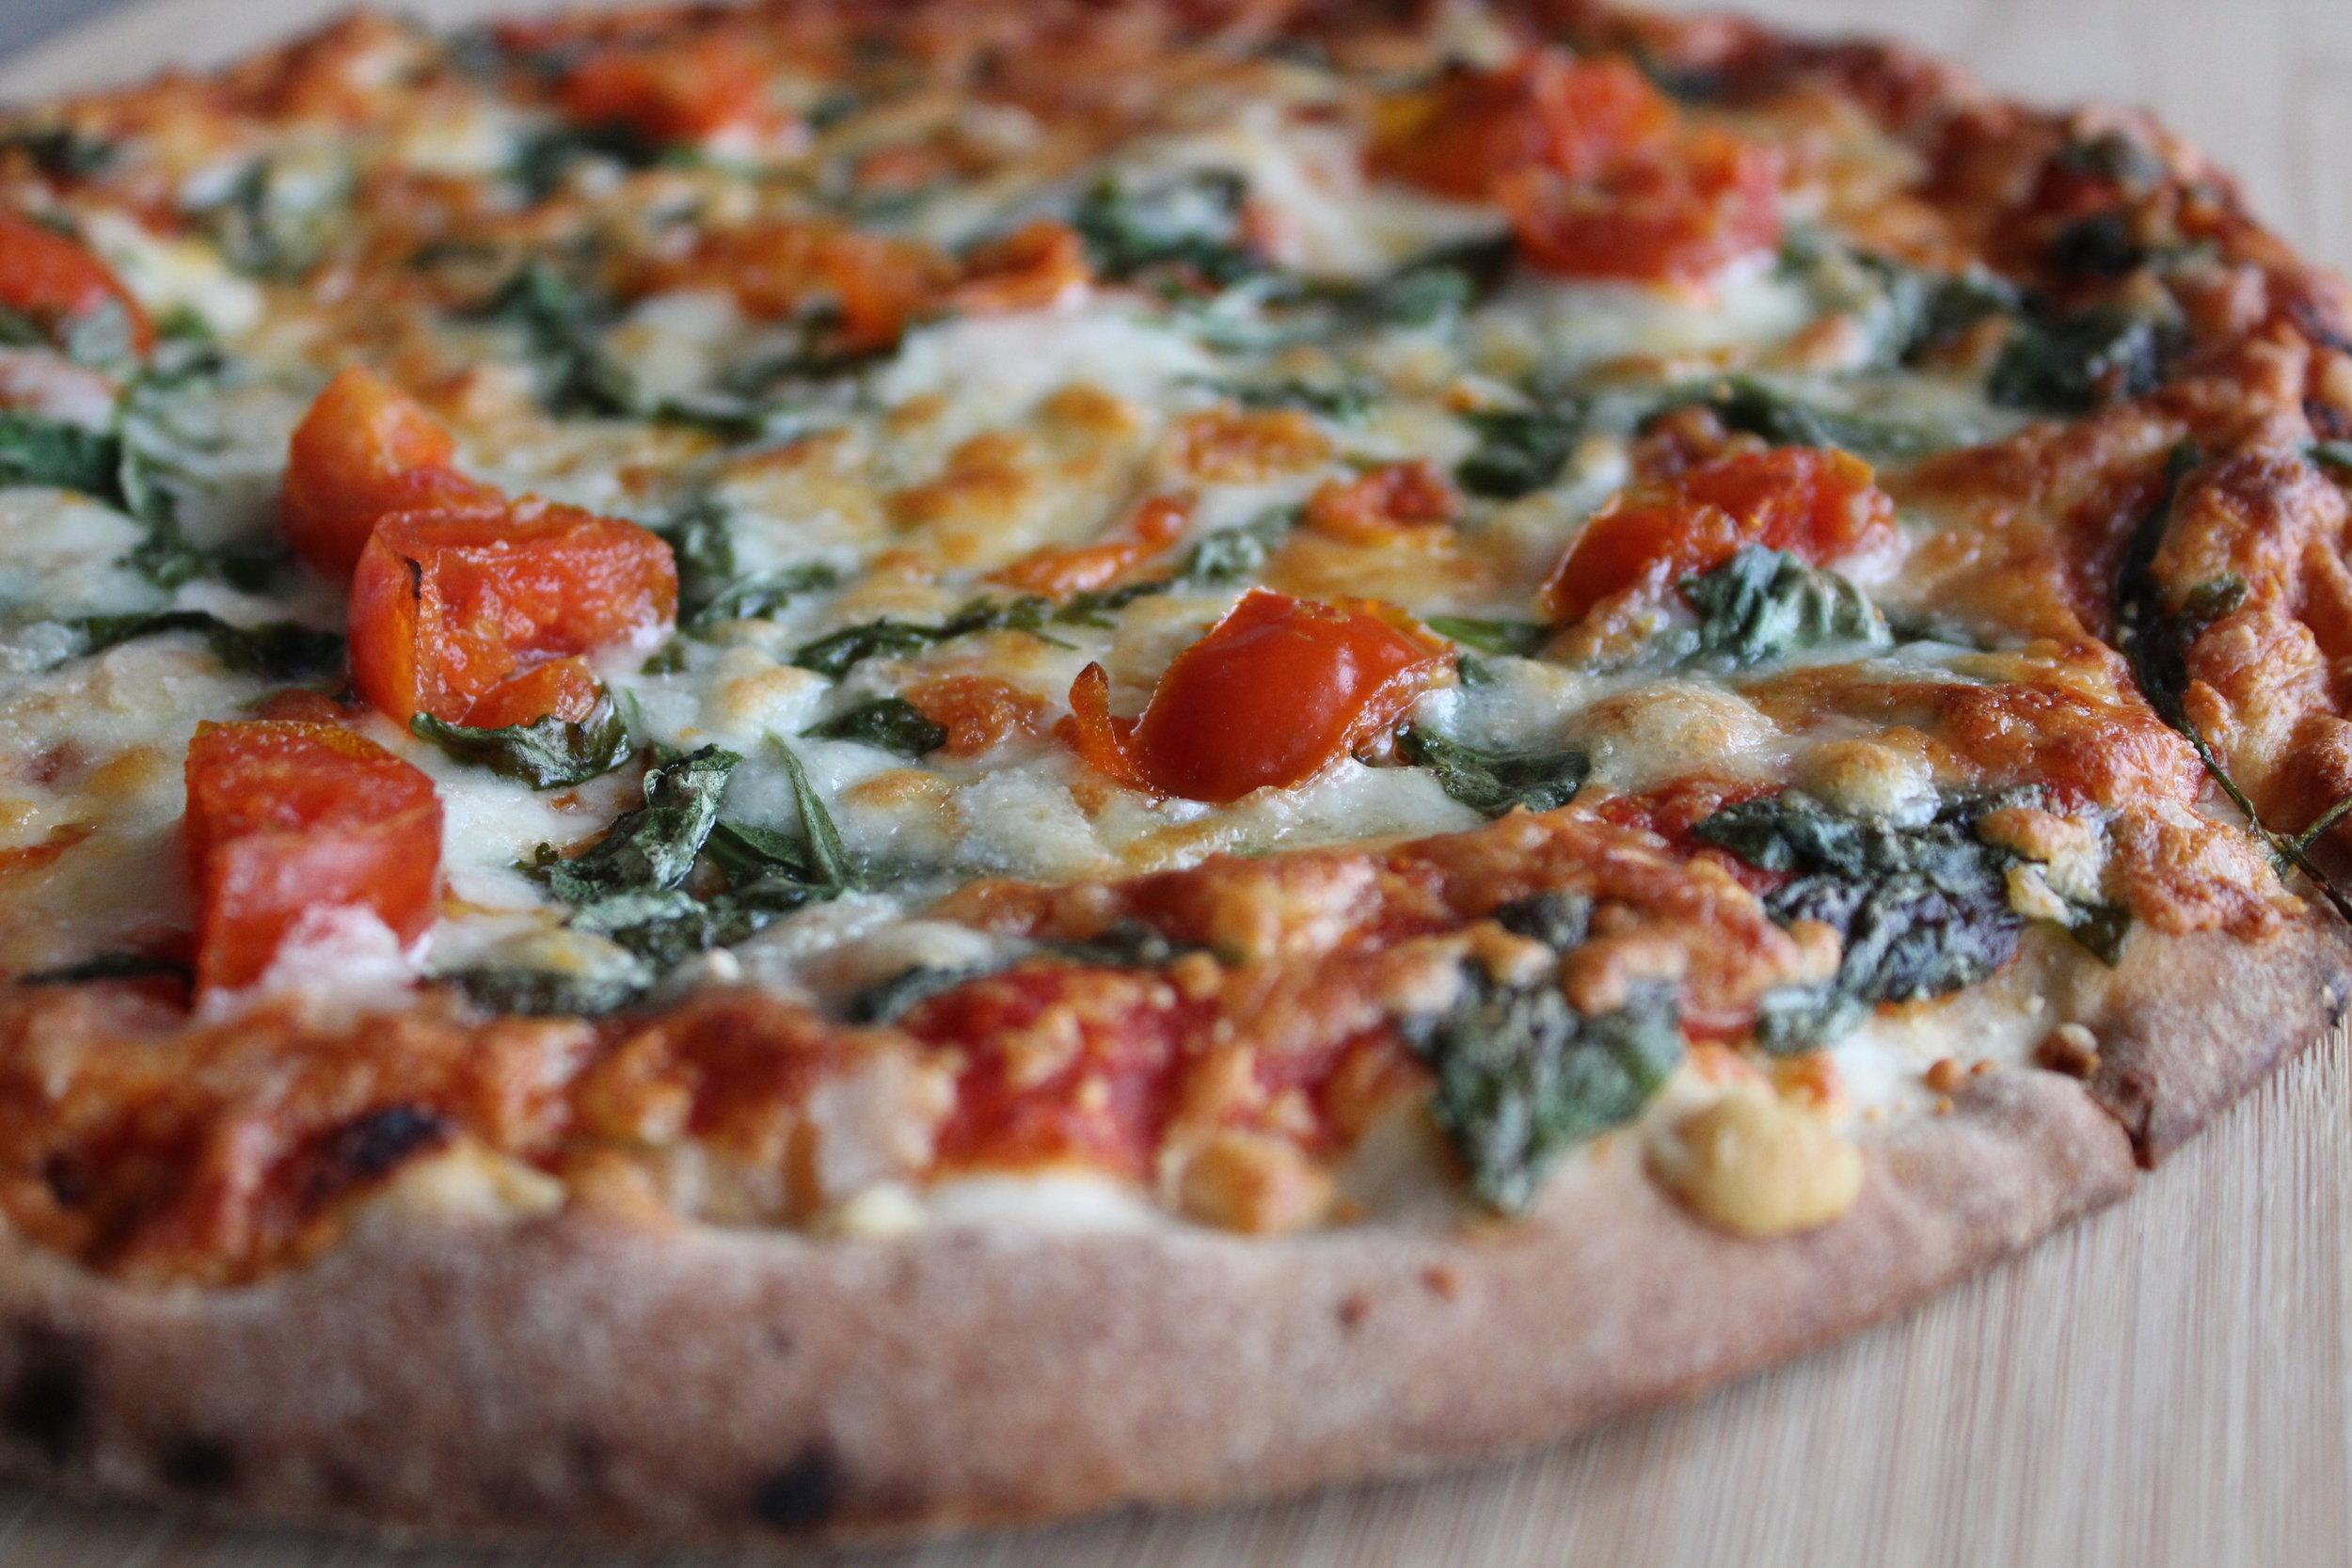 Arugula tomato pizza from Trader Joe's